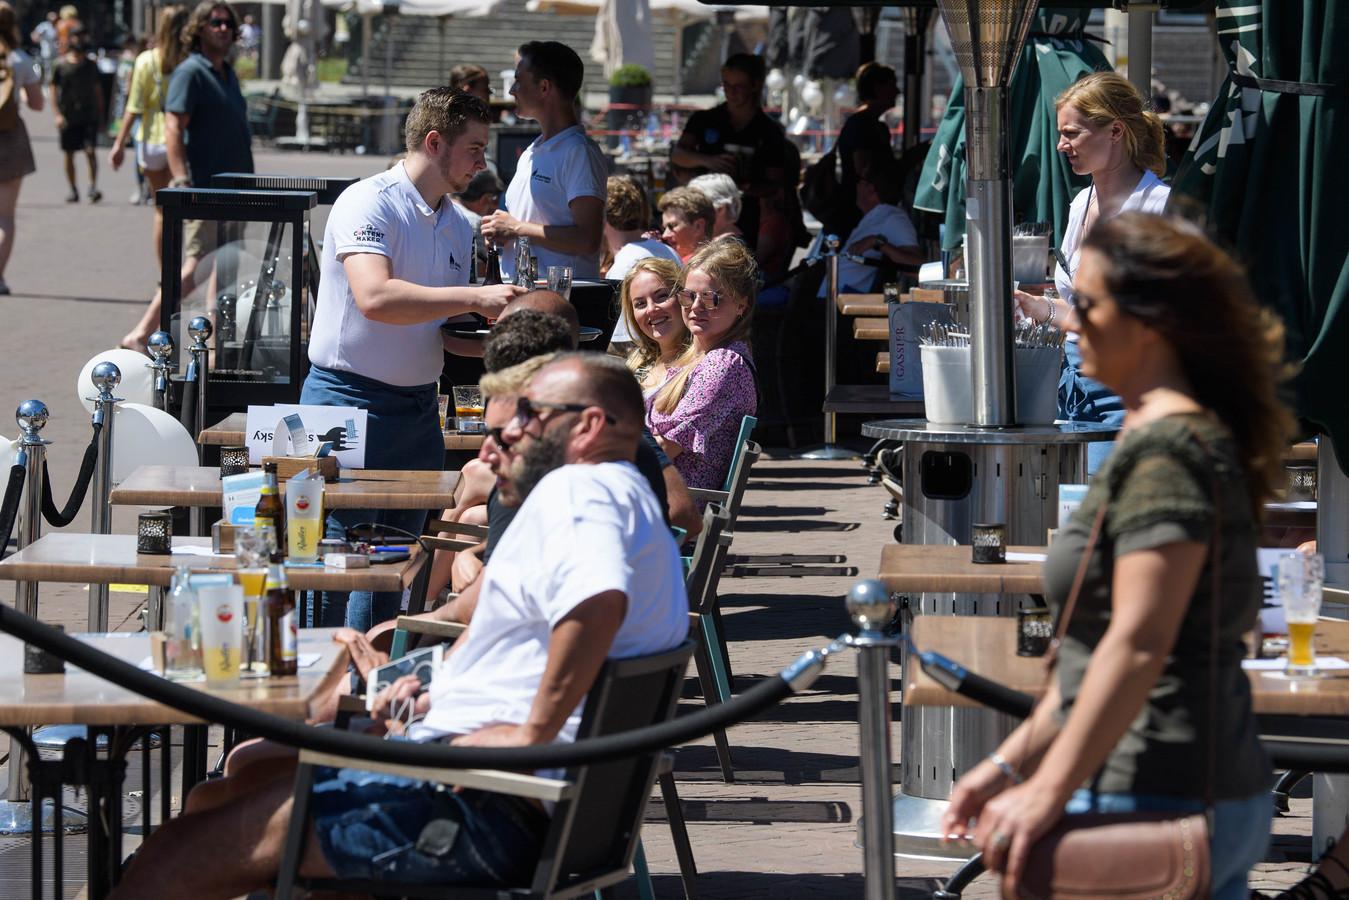 Op meerdere plekken in Twente zijn de terrassen weer geopend, zoals hier in de Hengelose binnenstad.